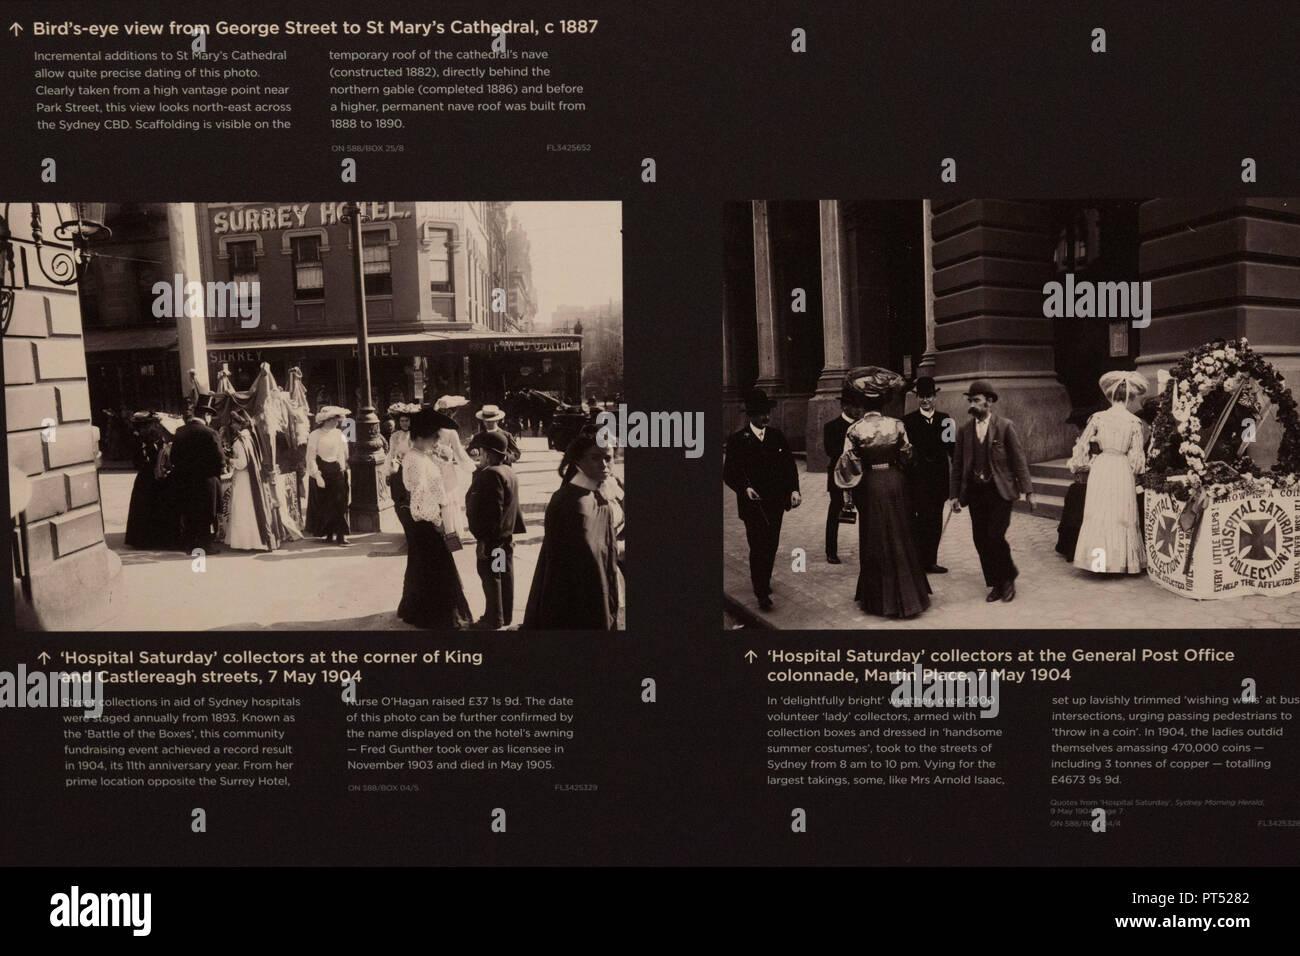 """Sydney, Australien. 6. Okt 2018. 100 Jahre alte Bilder von Sydney """"moderne Klassiker"""" zu werden außergewöhnliche Jahrhundert-alte Bilder von Sydney im Übergang auf öffentliche Anzeige für die erste Zeit, in der die staatliche Bibliothek des NSW wichtige neue Galerien der Öffentlichkeit heute [ Samstag 6. Oktober] gehen. Bei der Sammlung der Macpherson Familie von 688 Glasplatten negative Begabte in der Bibliothek waren, wurde es bald klar, Kurator, Margot Riley, dass diese bislang noch nie gesehene Bilder von Sydney und NSW"""" waren dazu bestimmt, moderne Klassiker zu werden."""" Quelle: Paul Lovelace/Alamy leben Nachrichten Stockbild"""